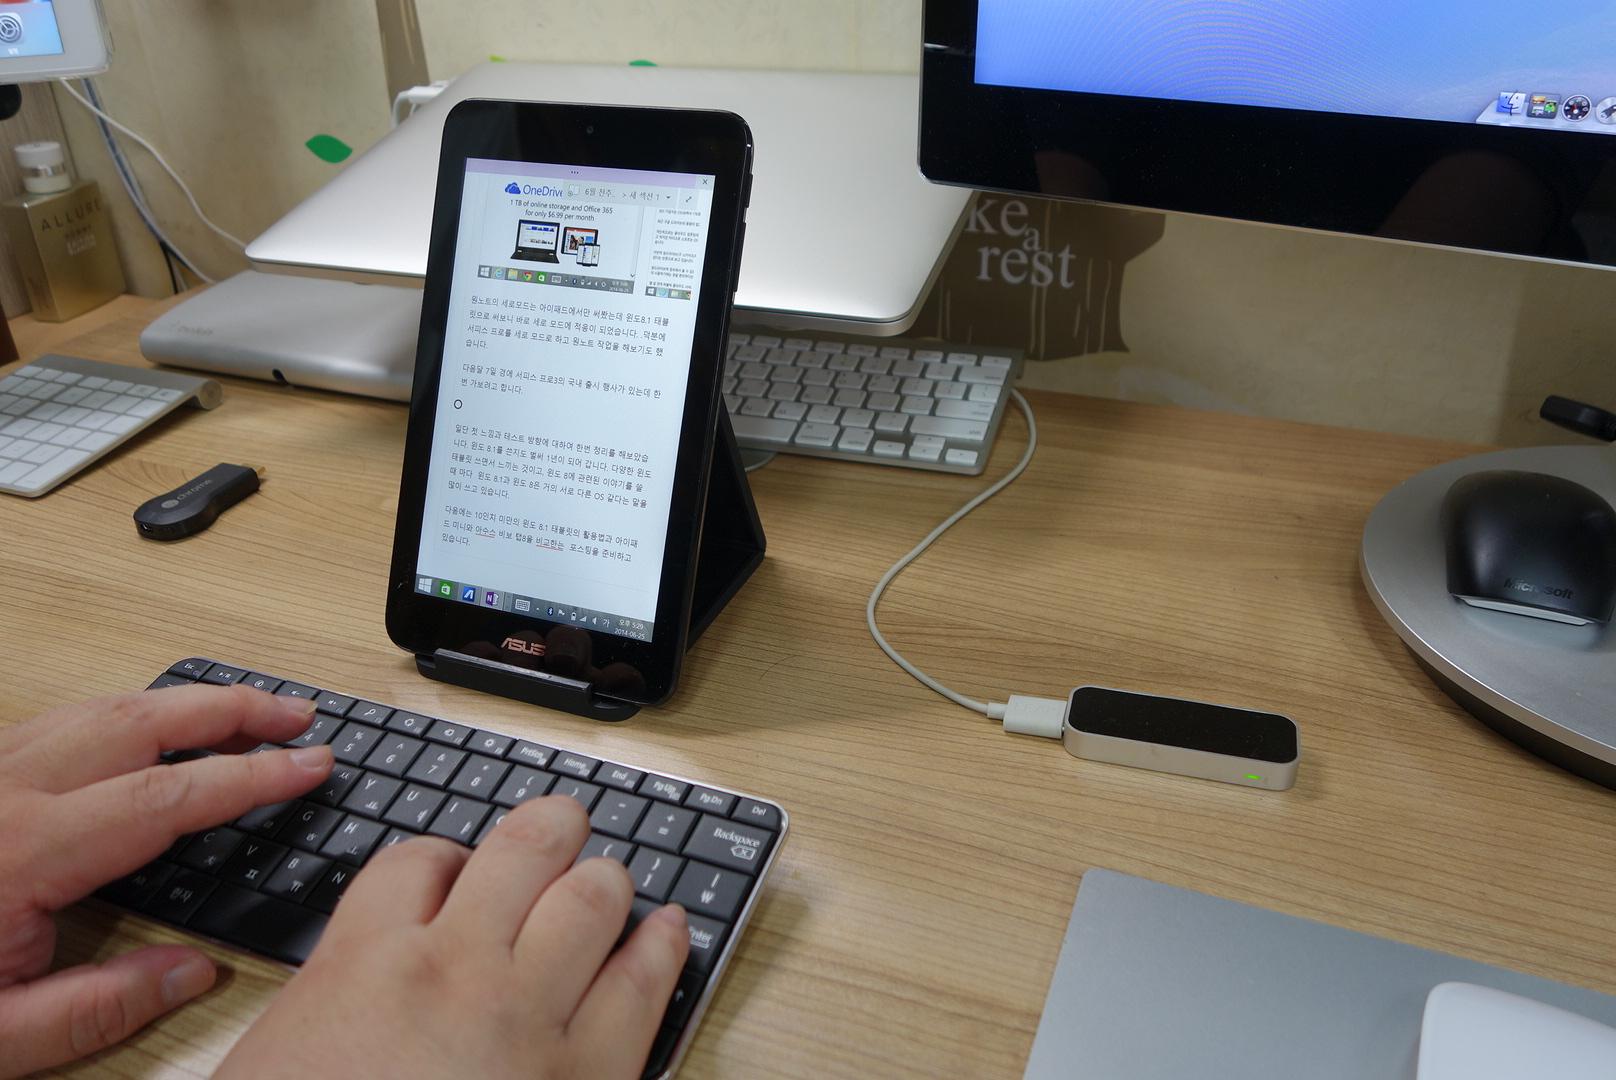 스마트 기기를 위한 키보드 Microsoft 웨지 모바일 키보드[Wedge Mobile keyboard]